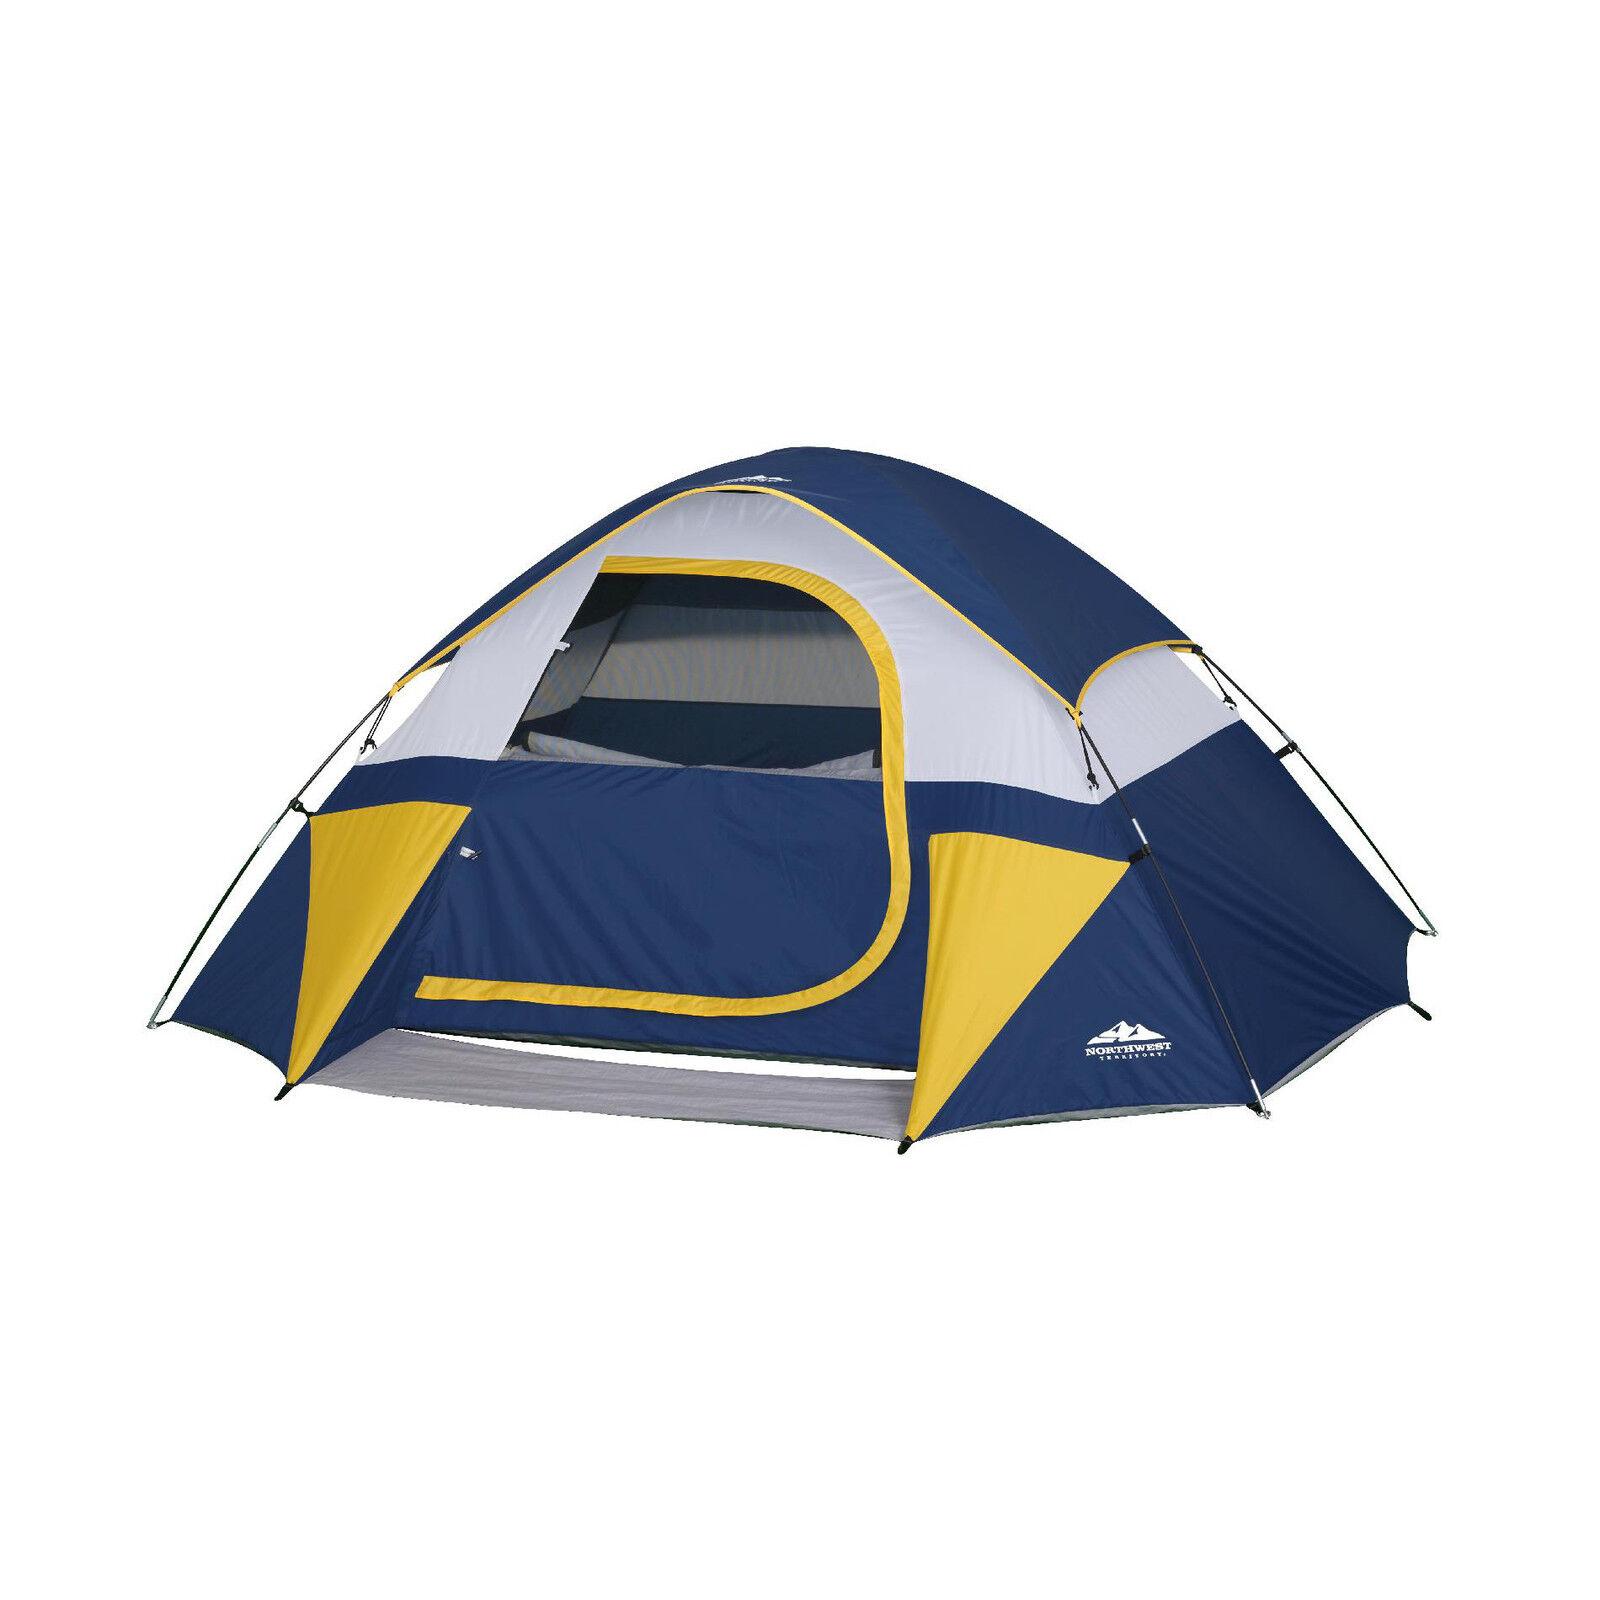 Northwest Territory Sierra tienda de la bóveda camping, senderismo hasta 3 personas-Azul